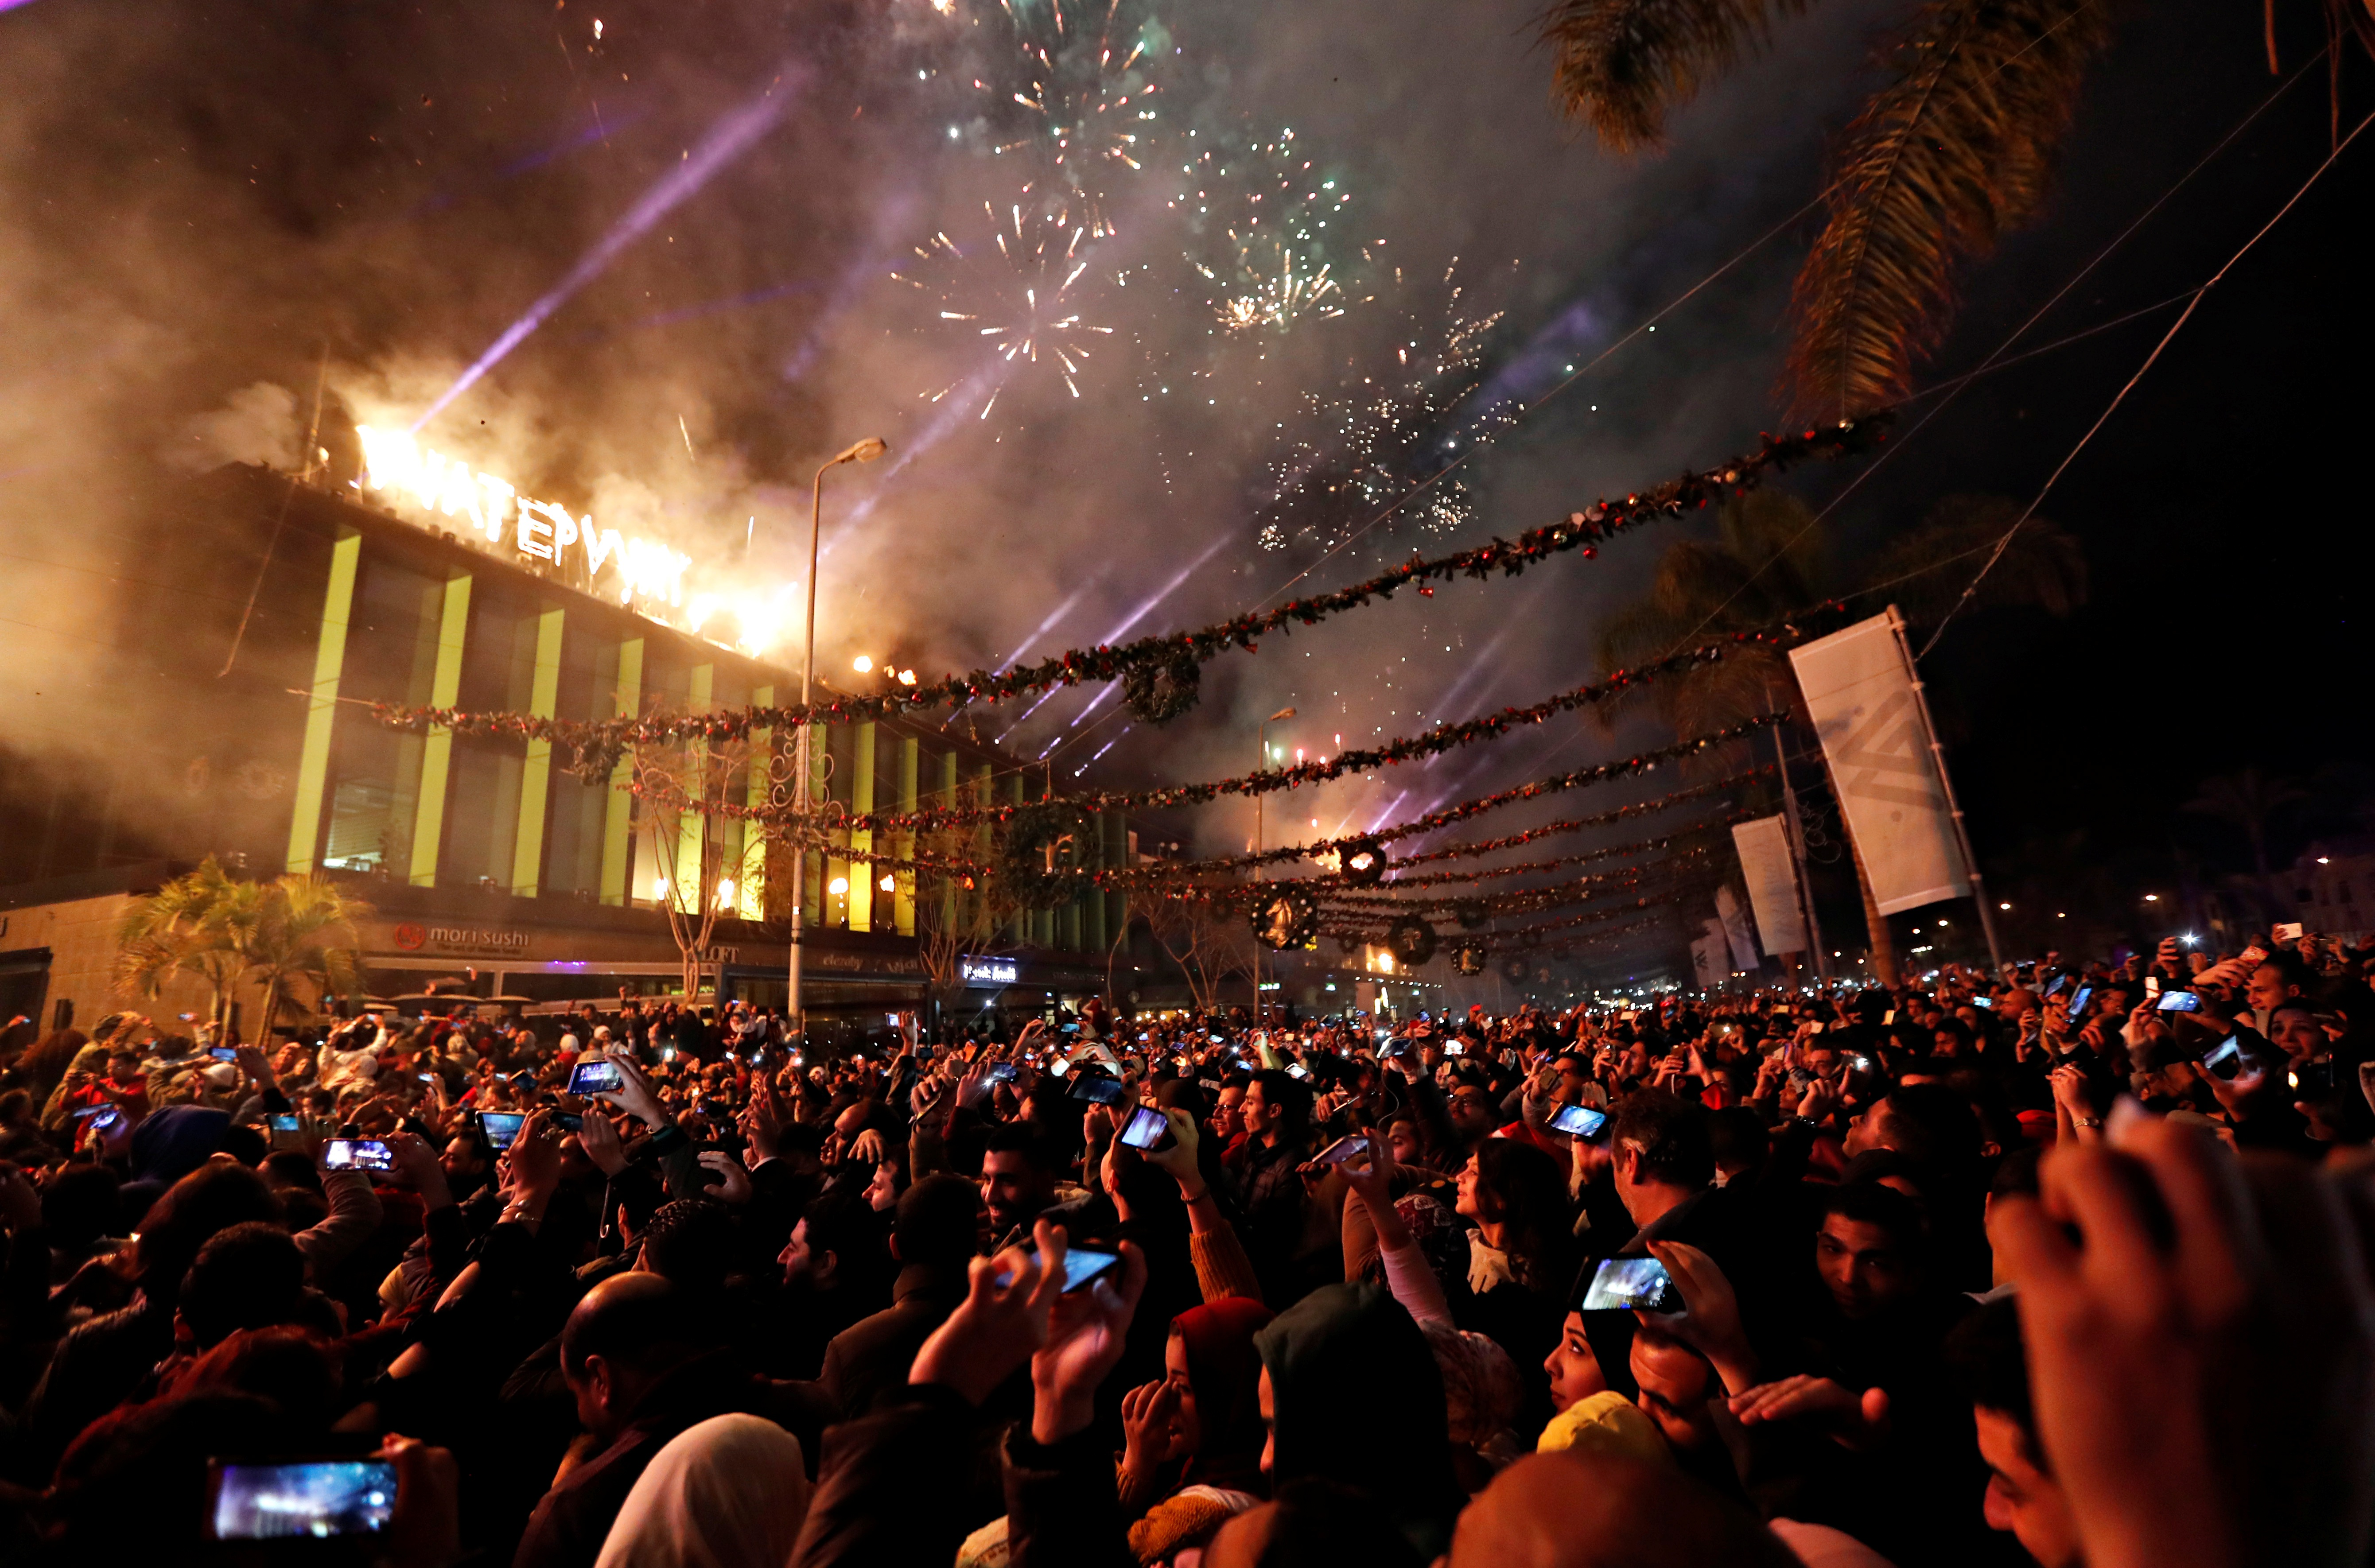 القاهرة تحتفل بسنة ميلادية جديدة